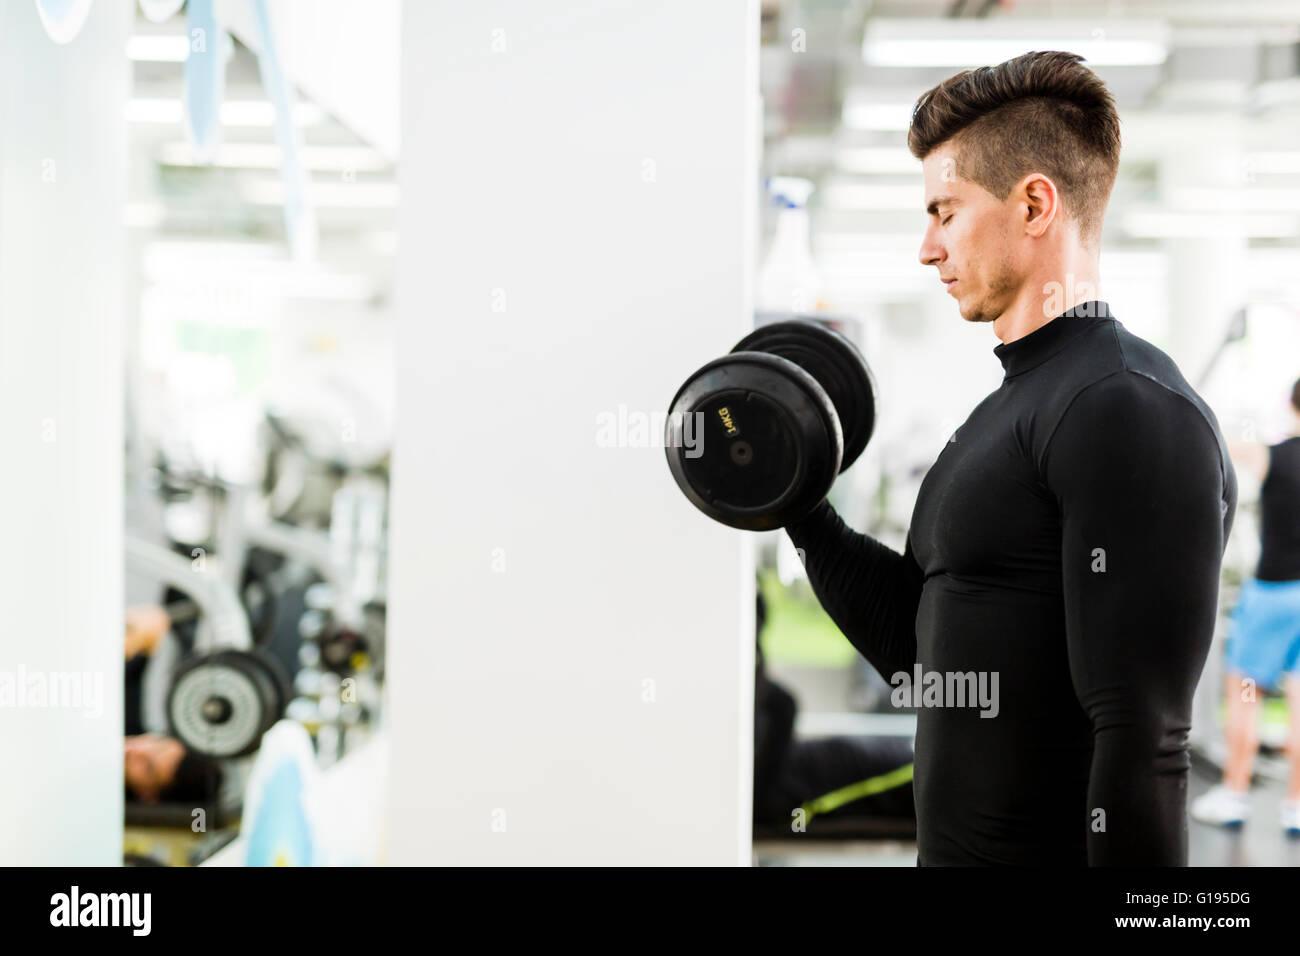 Beau jeune homme qui travaille dans une salle de sport et la levée de poids Photo Stock